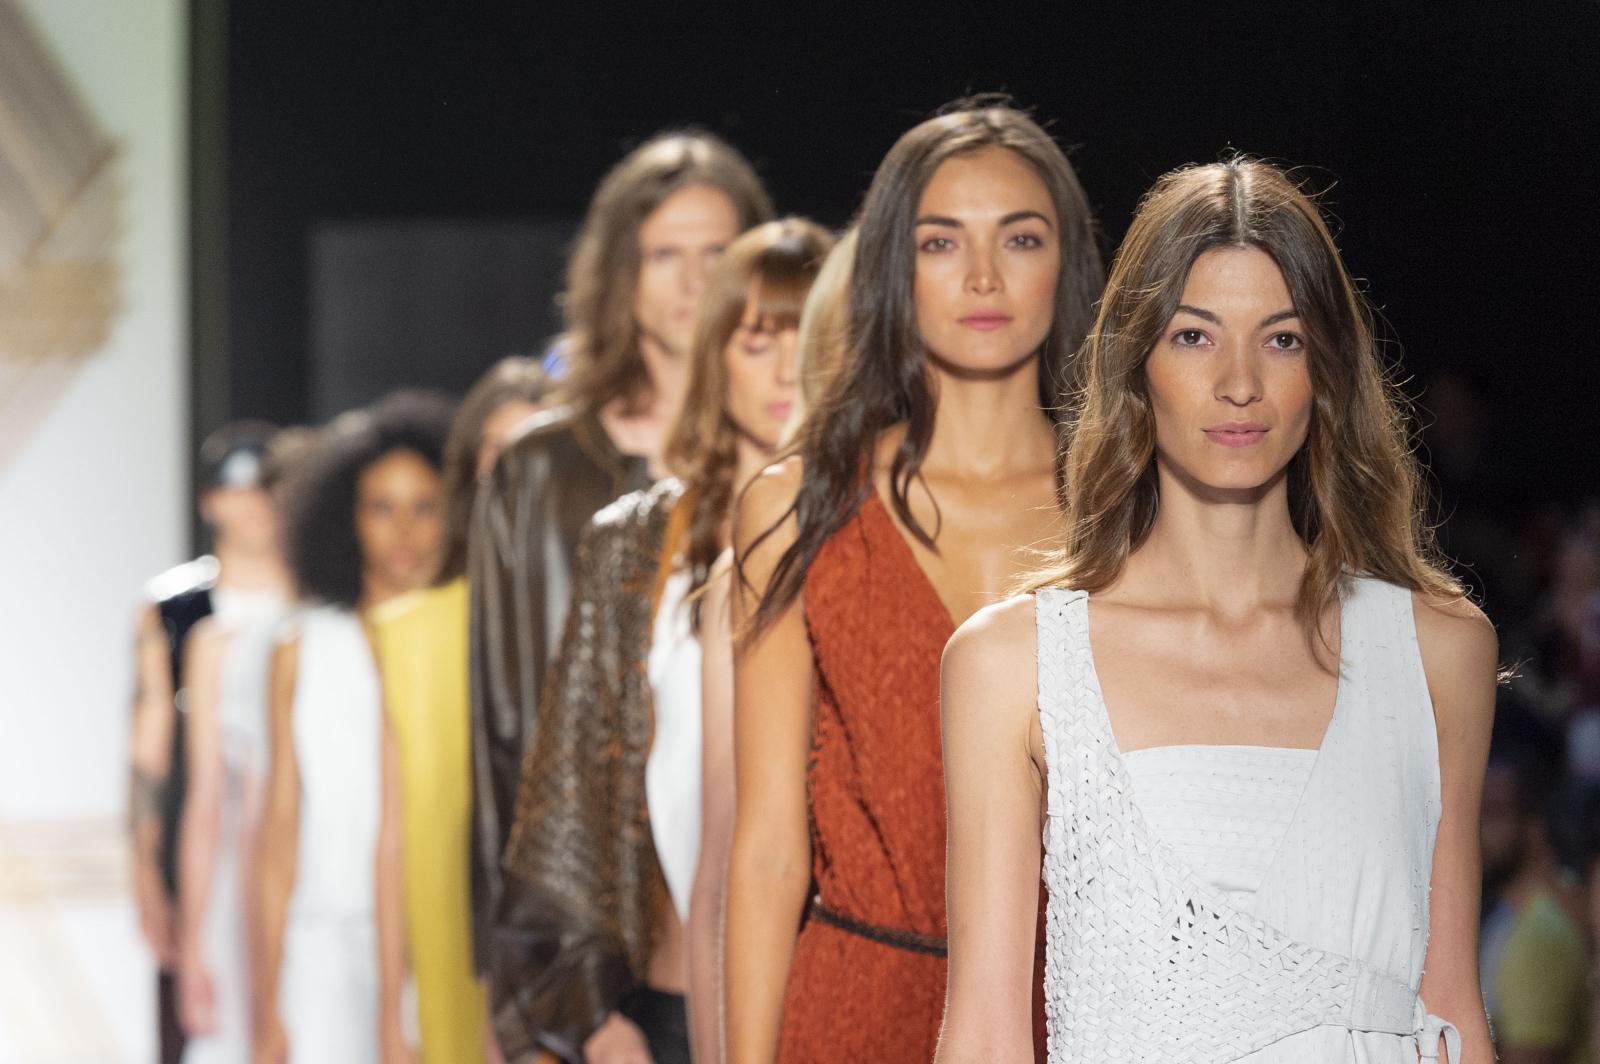 1f4f02975038 Las principales marcas de ropa y complementos de moda y los diseñadores  consagrados y emergentes de Latinoamérica se dan cita en Colombiamoda para  dar a ...